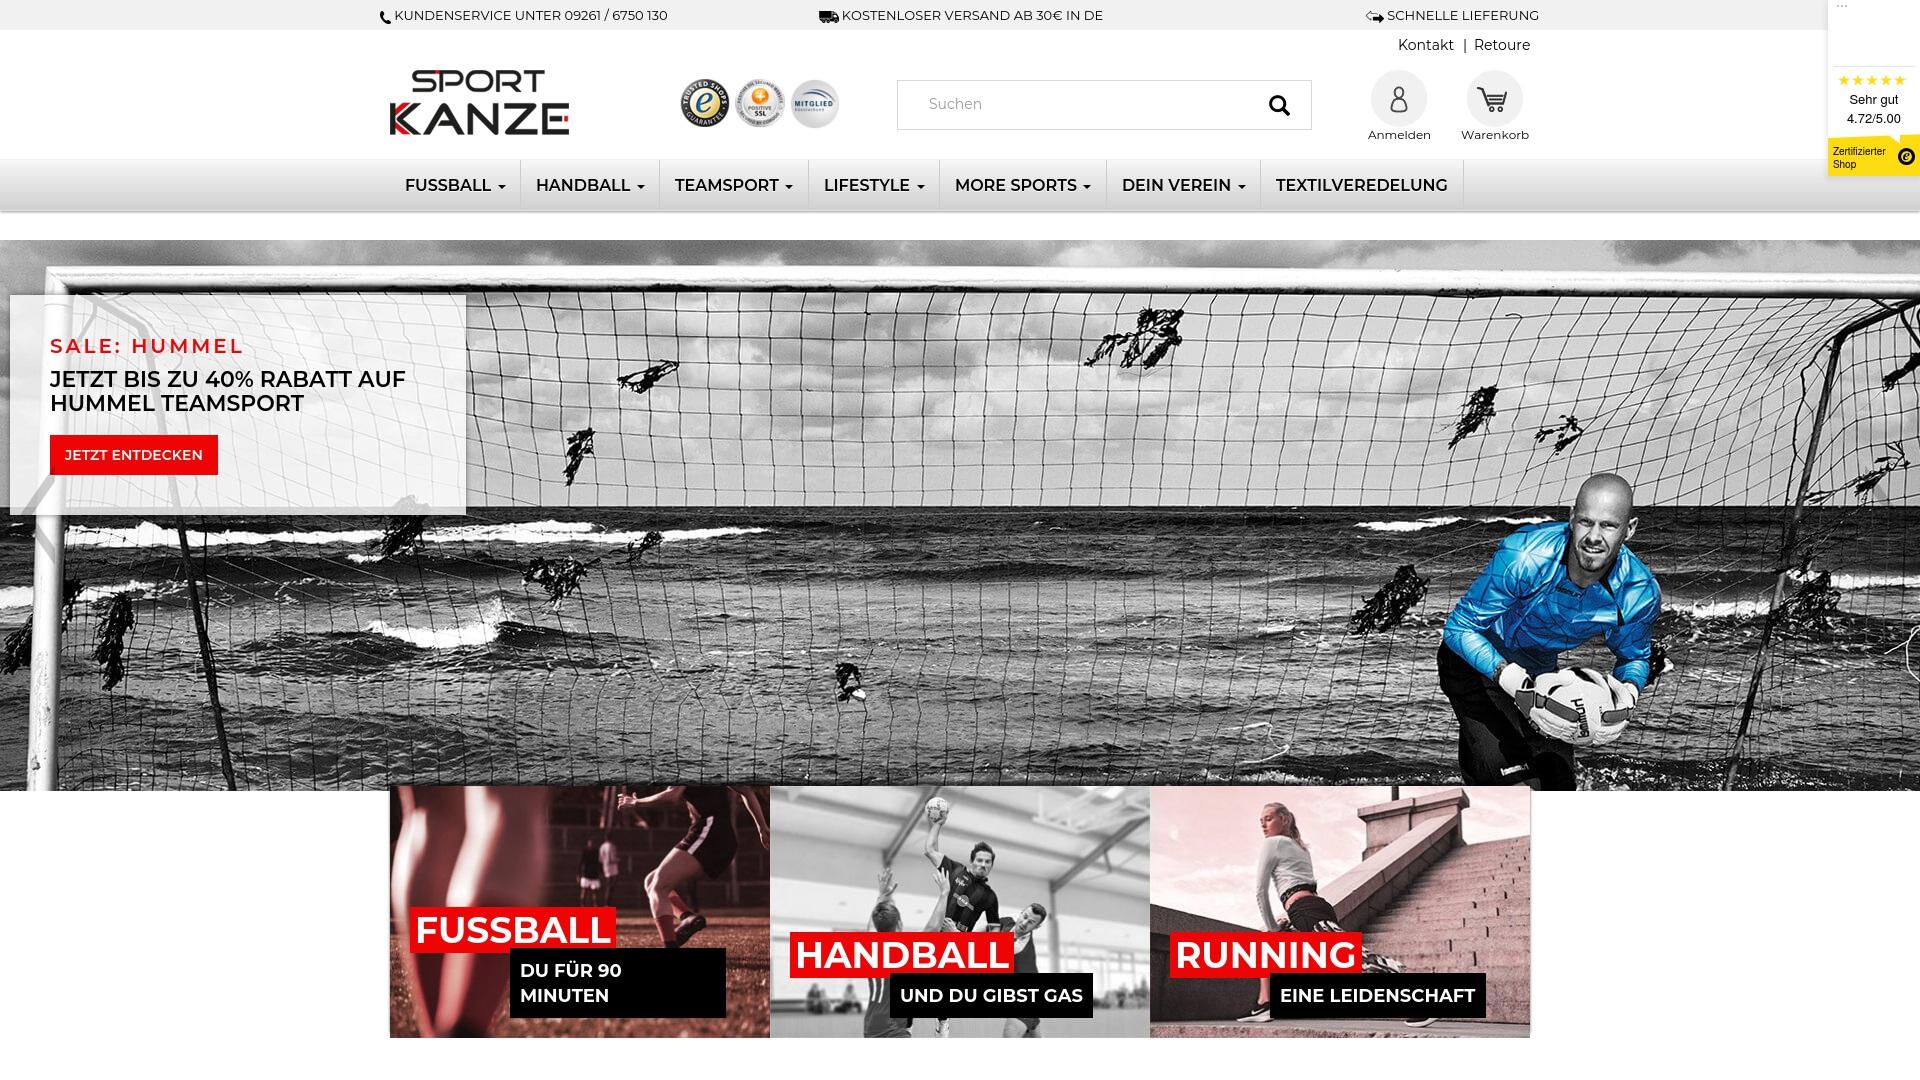 Gutschein für Sport-kanze: Rabatte für  Sport-kanze sichern